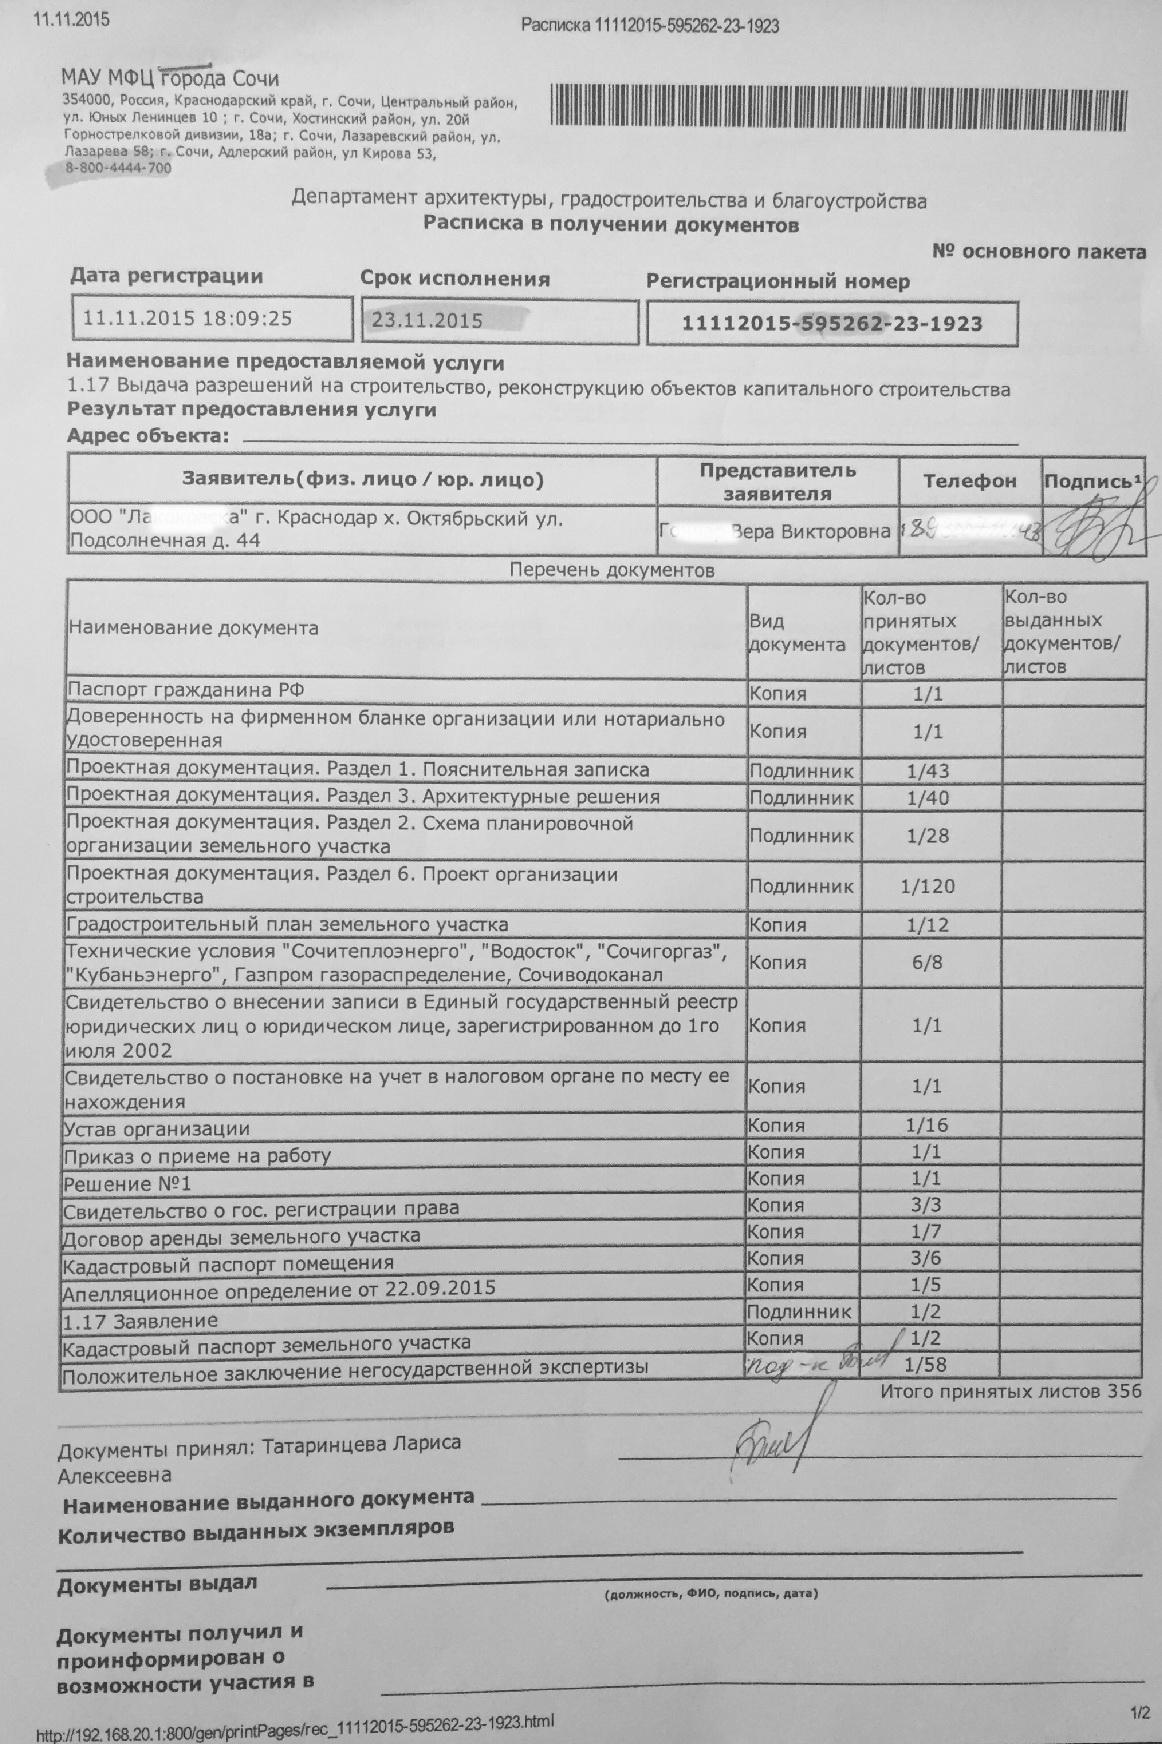 Расписка к документам на регистрацию ооо заполнить декларацию 3 ндфл онлайн бесплатно 2019